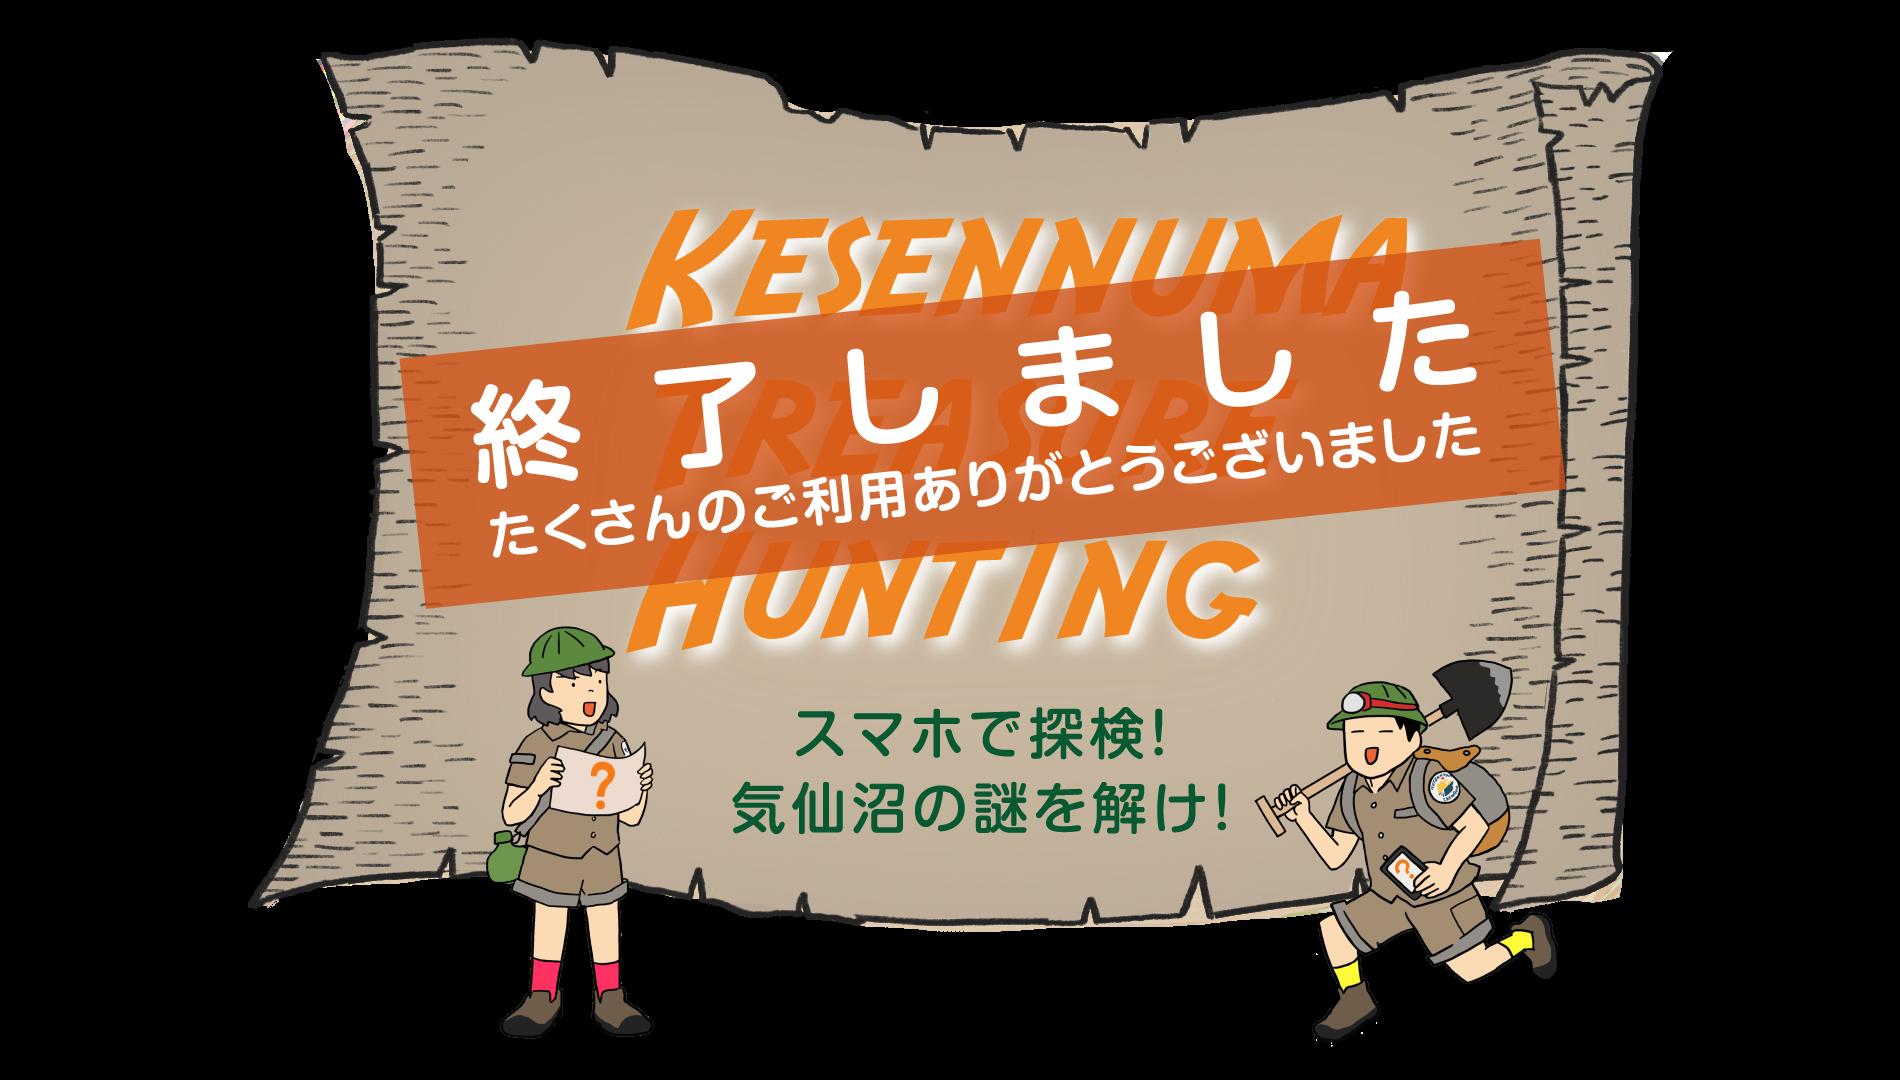 kesennuma treasure hunting 気仙沼の謎を解け kesennuma crewship